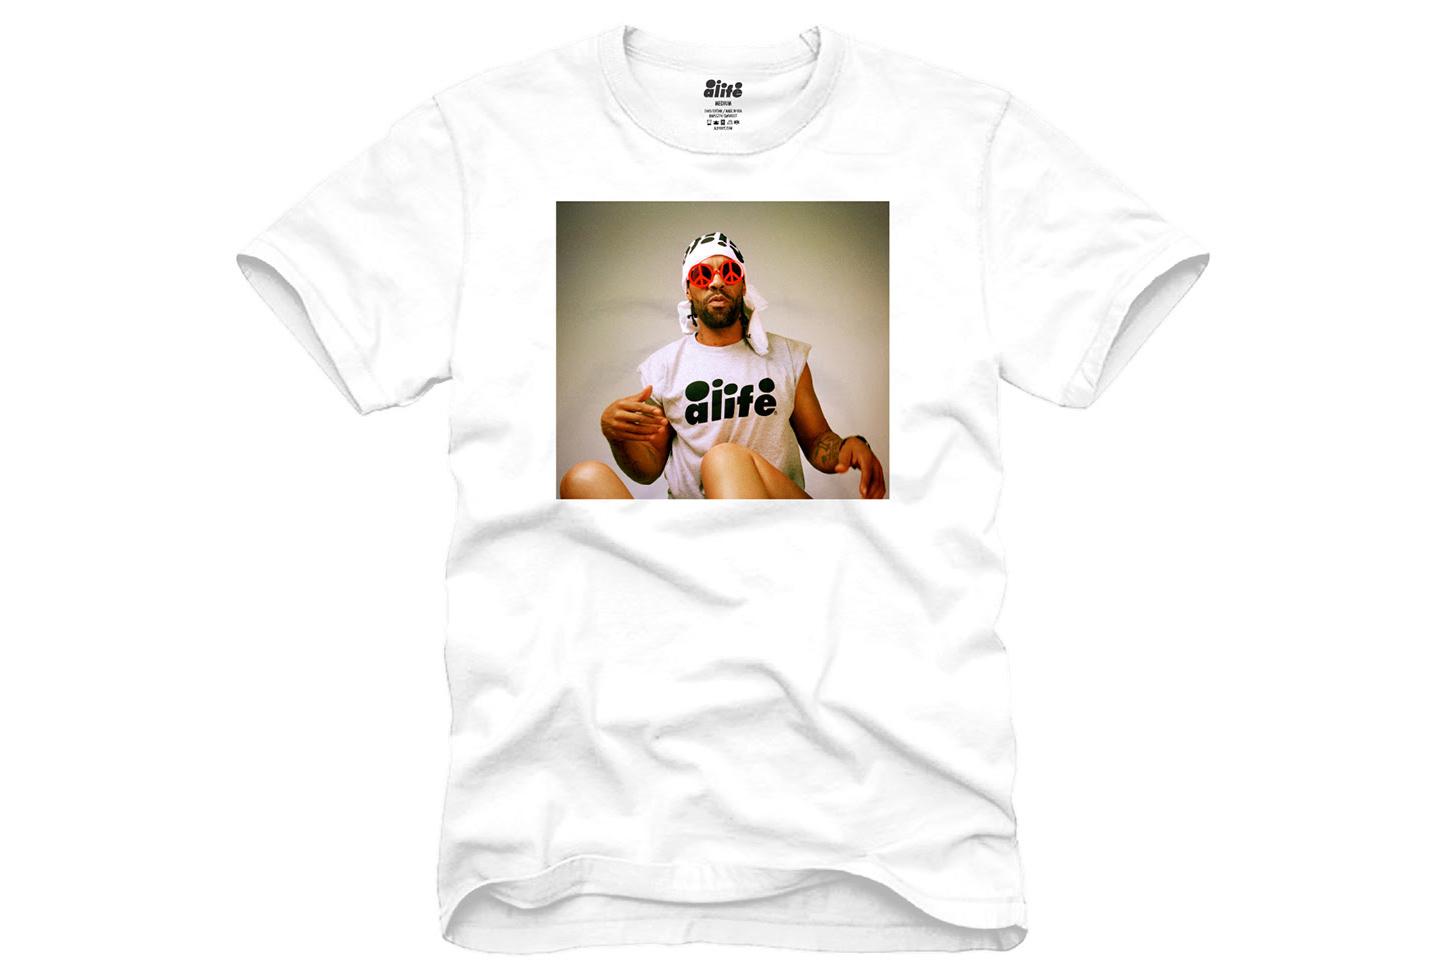 ALIFE collabore avec Redman pour un tee-shirt et un poster